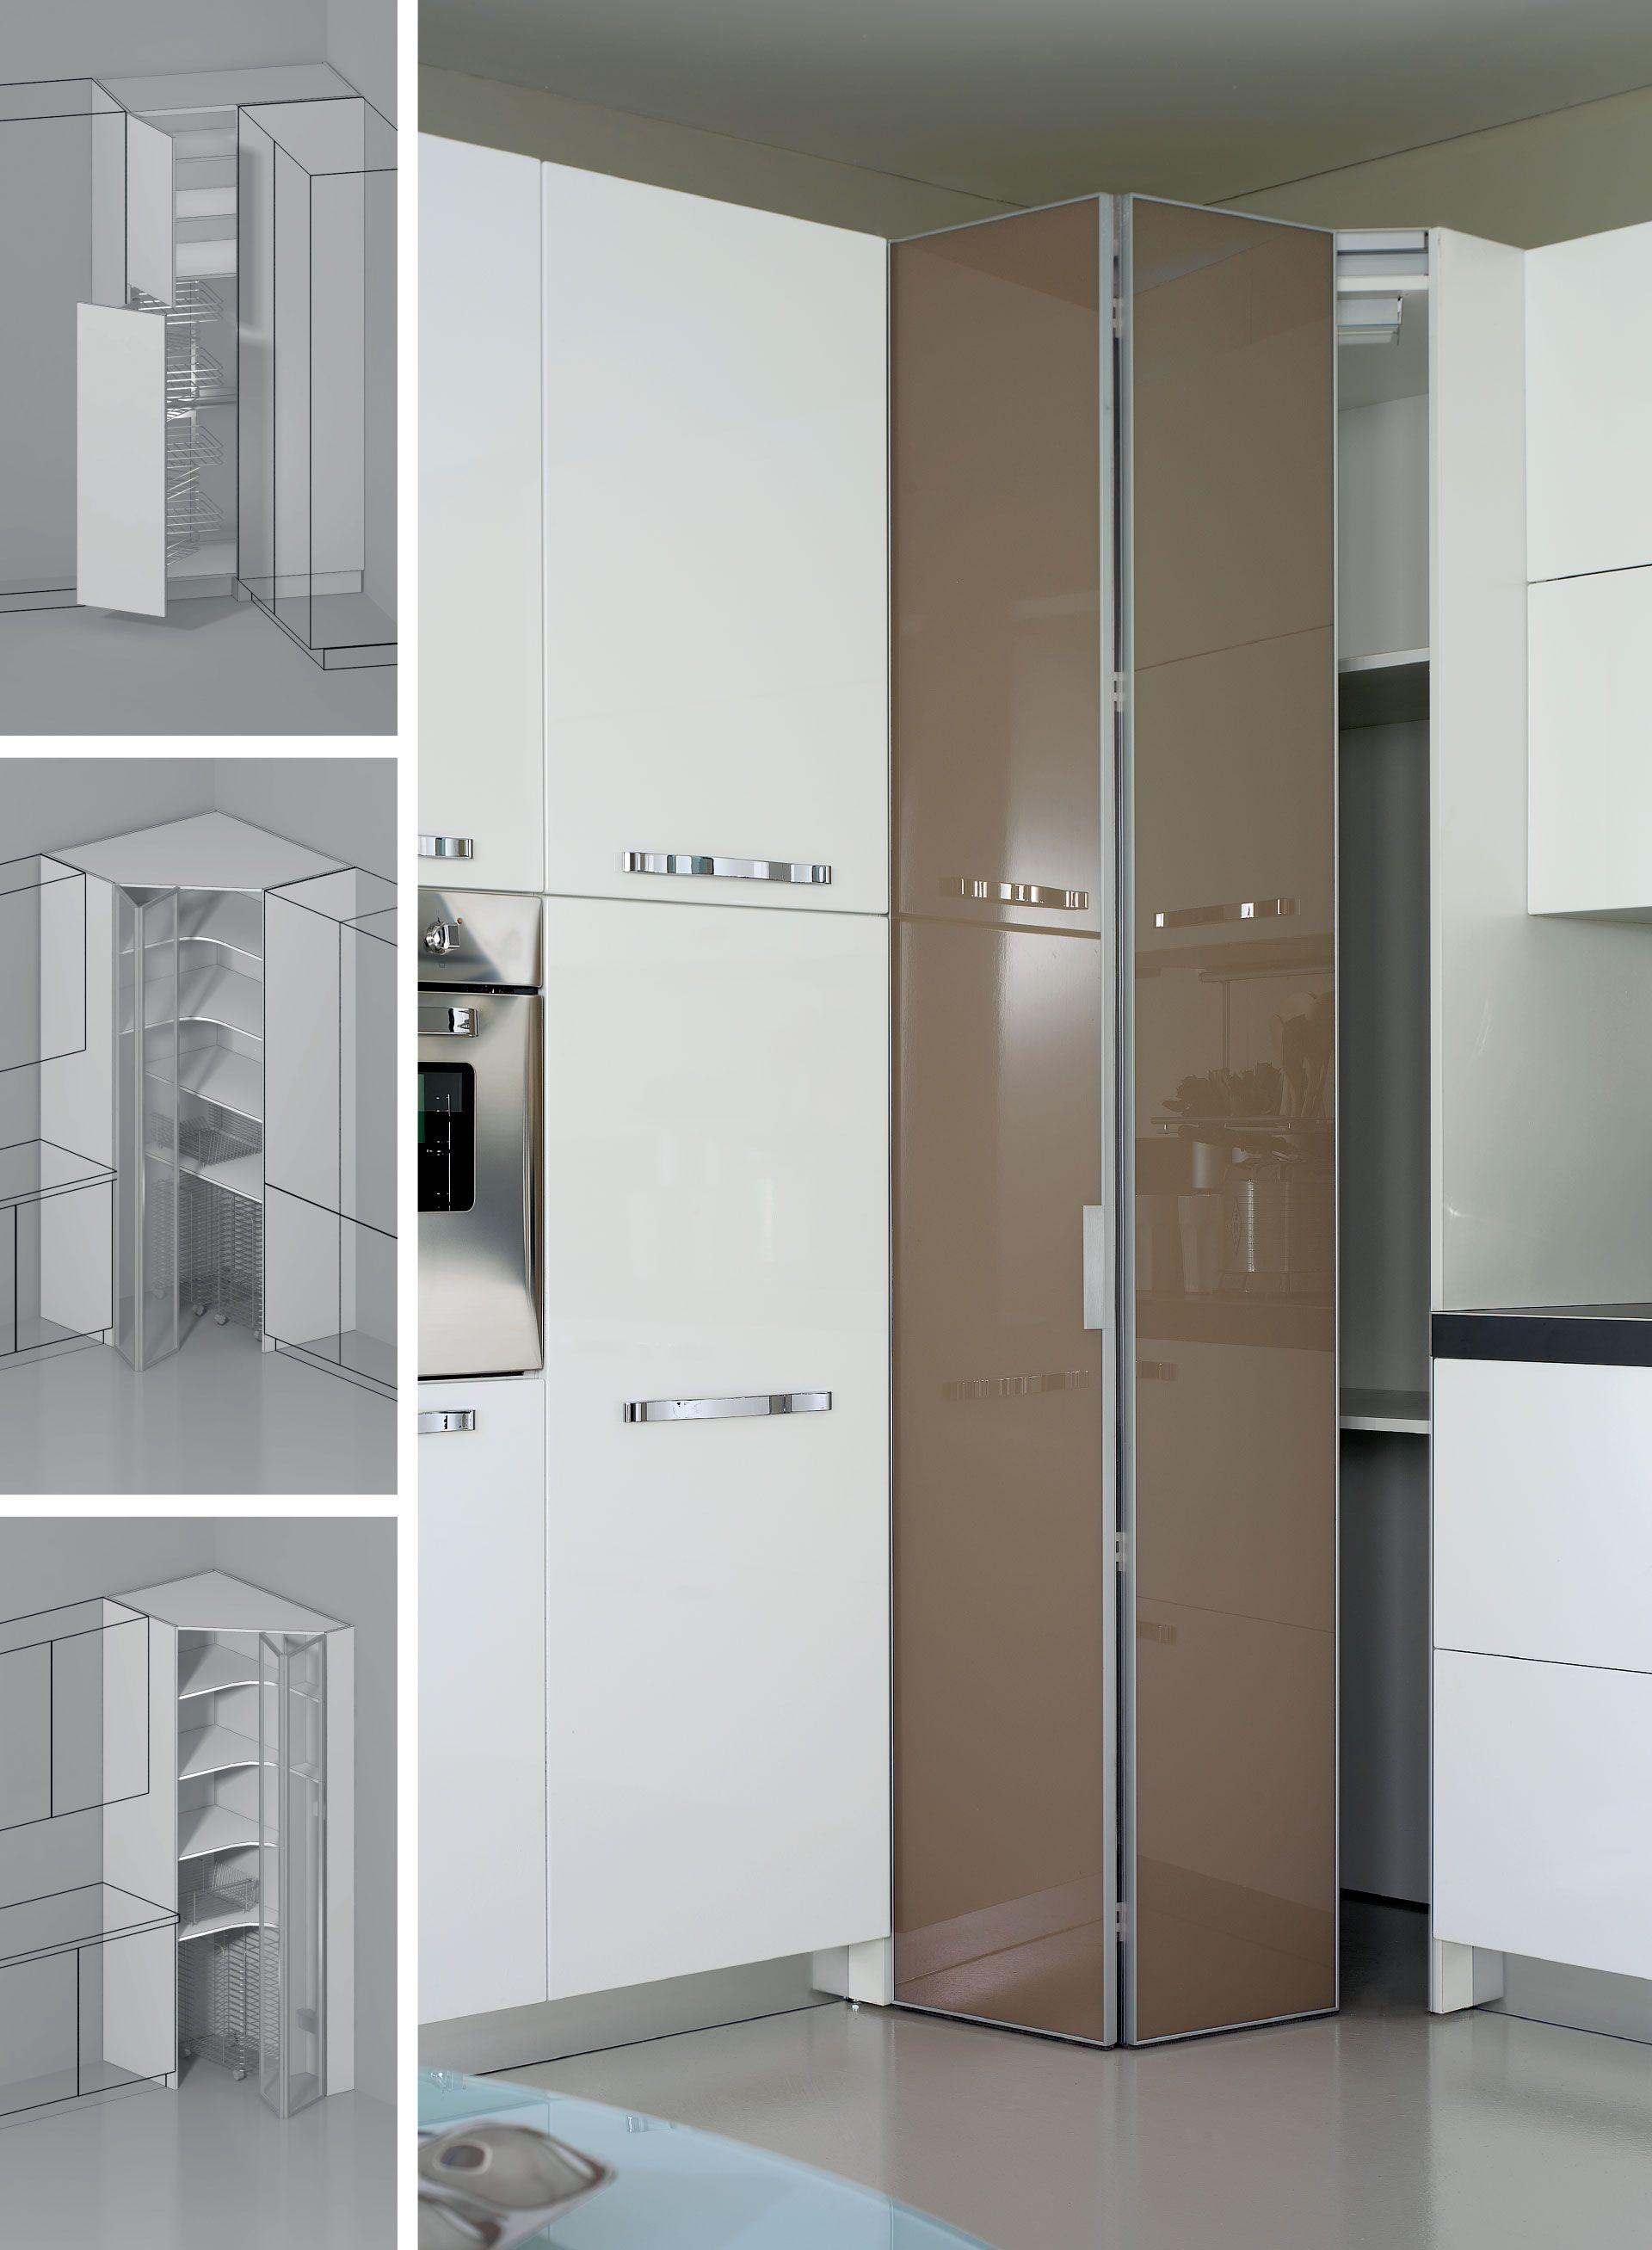 Immagine | idee per la casa | Pinterest | Cucine, Arredamento ...